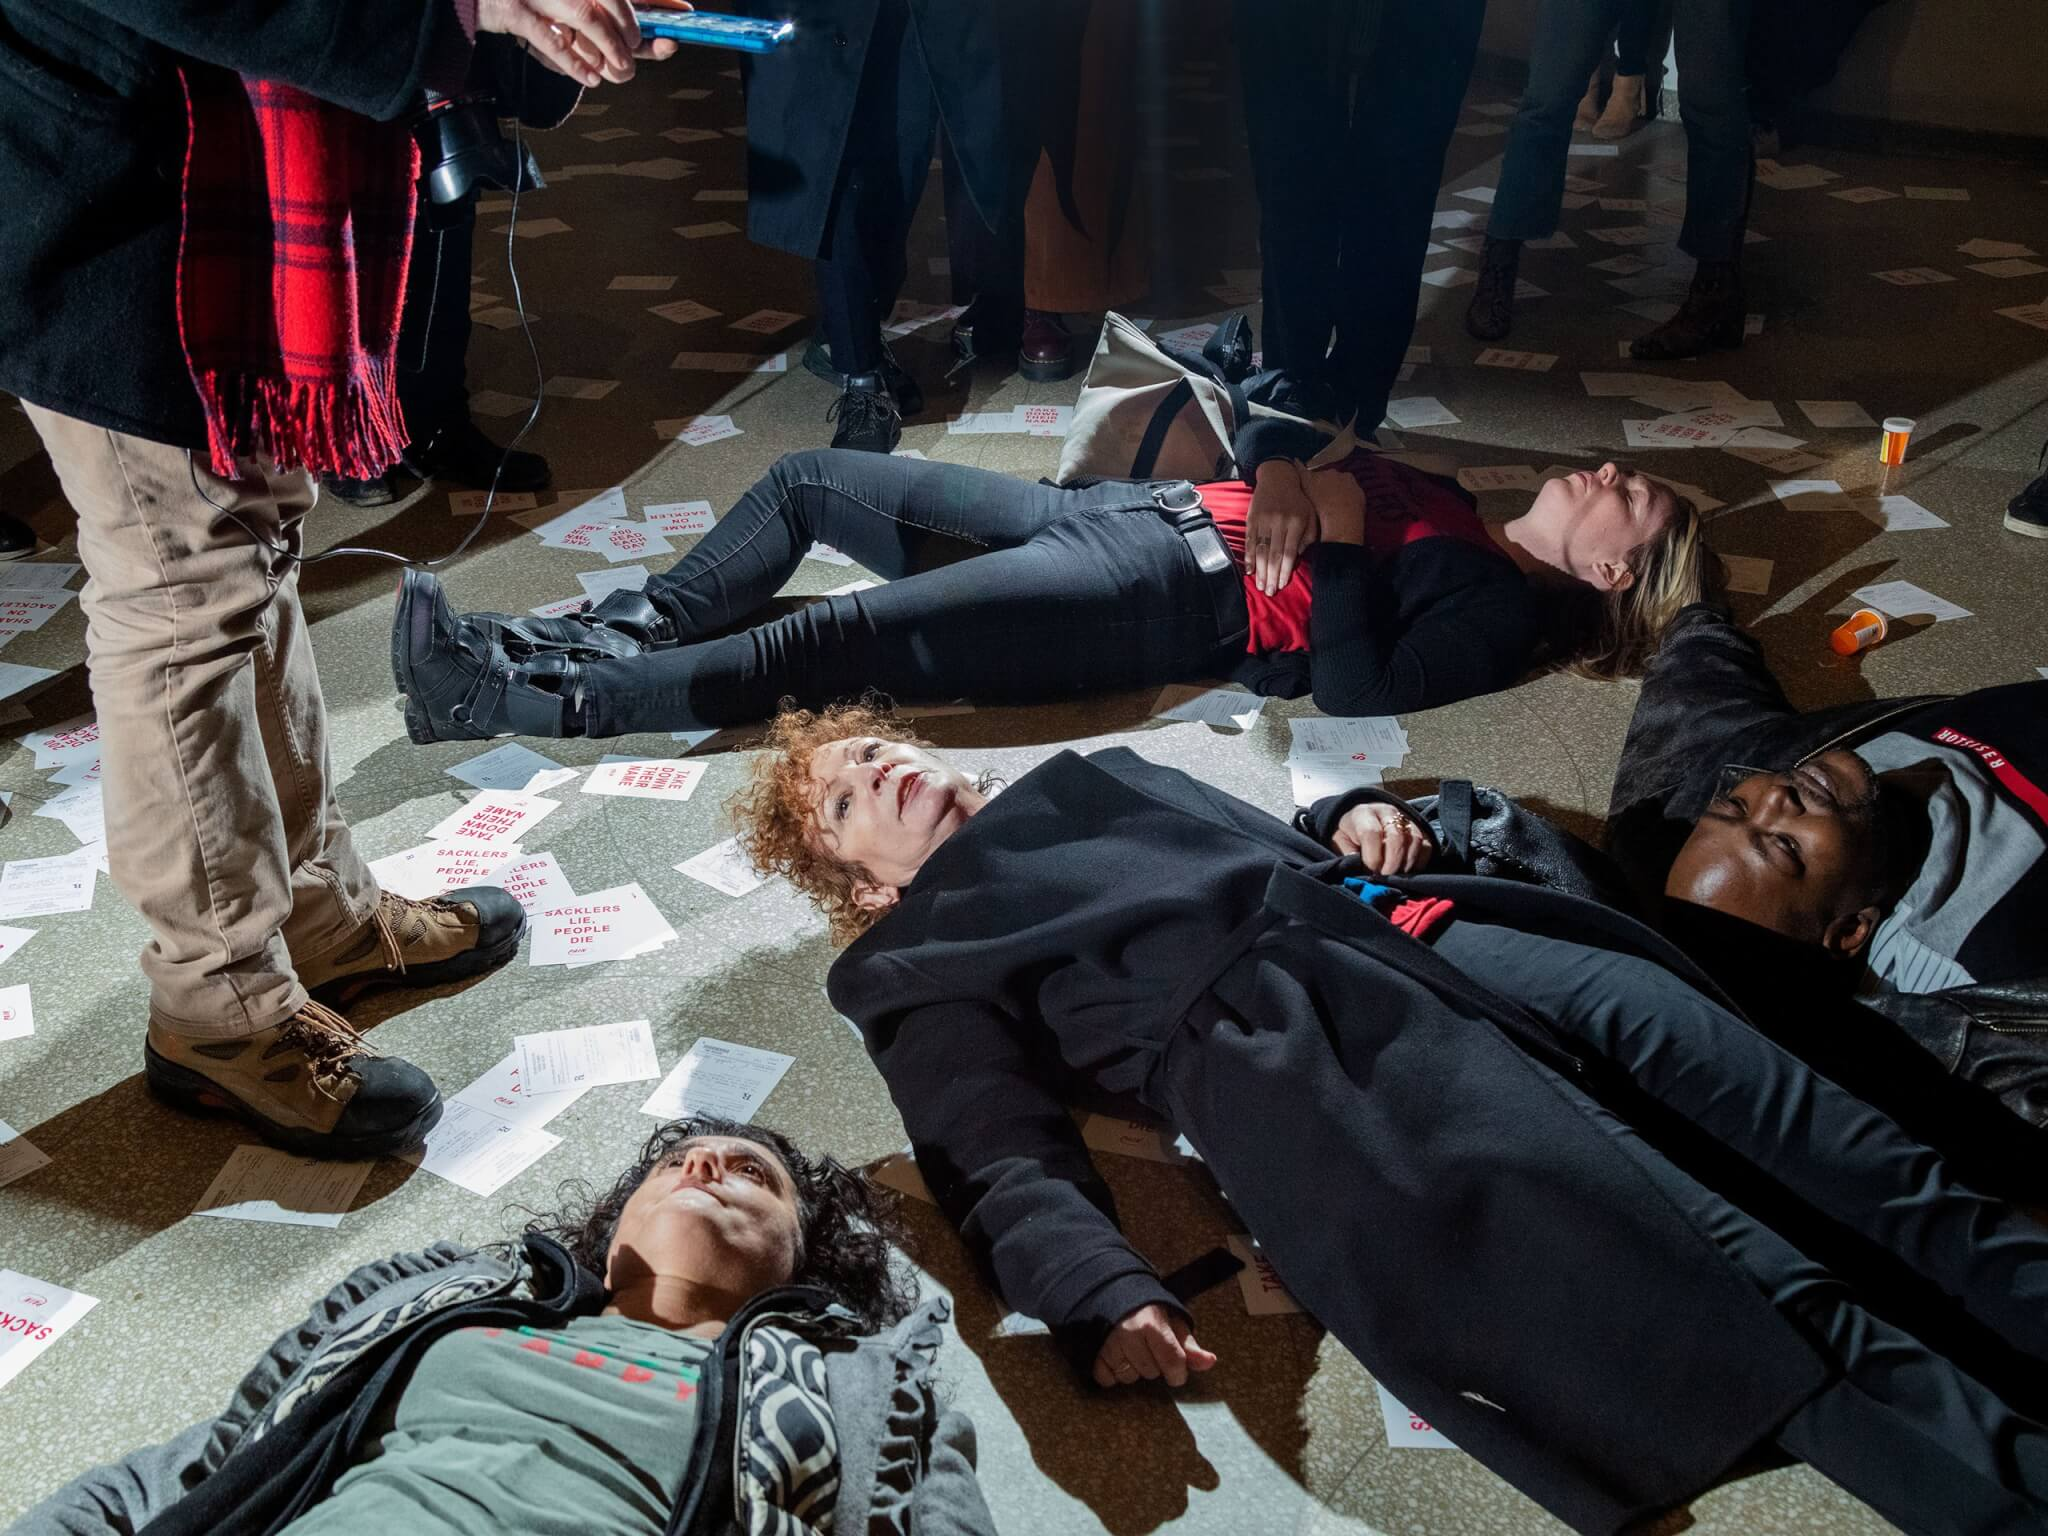 Nan Goldin lidera lucha y protesta en museo de Nueva York